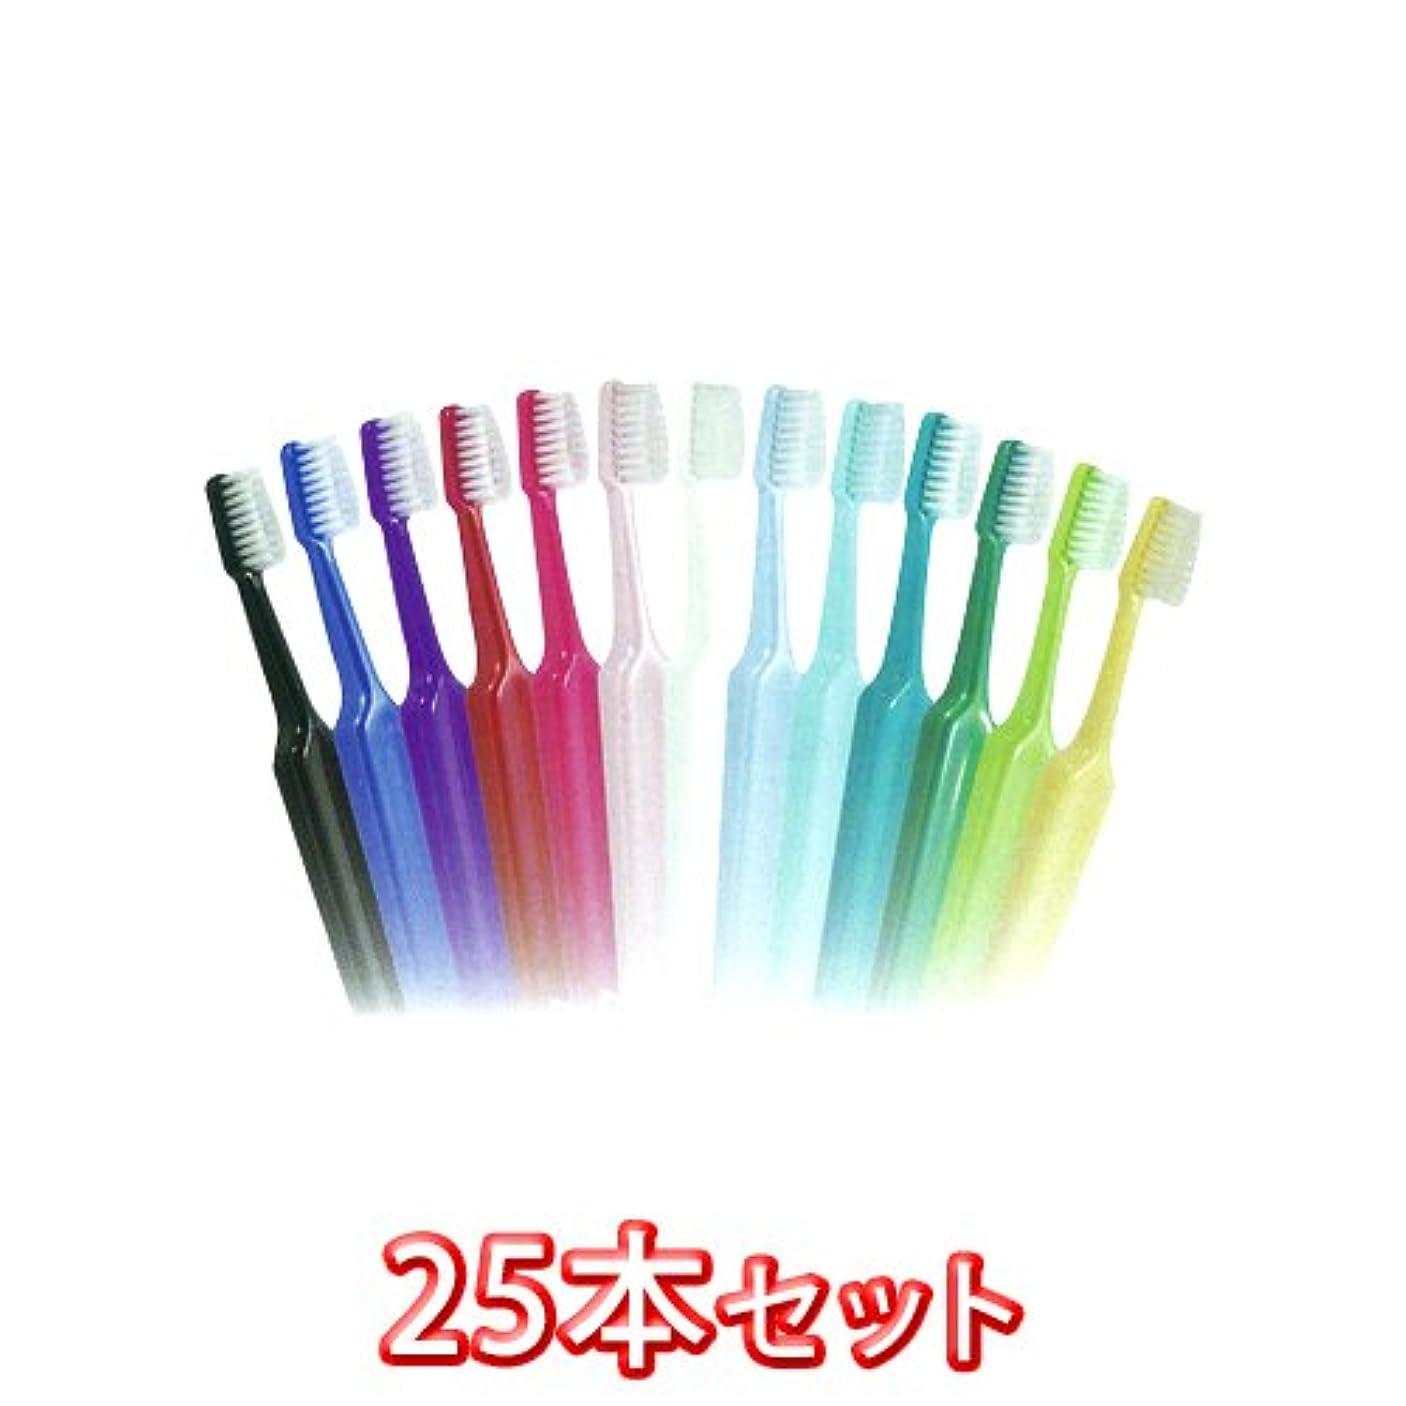 準備するダンプ呼び出すクロスフィールドTePeテペセレクトコンパクト歯ブラシ 25本(コンパクトソフト)